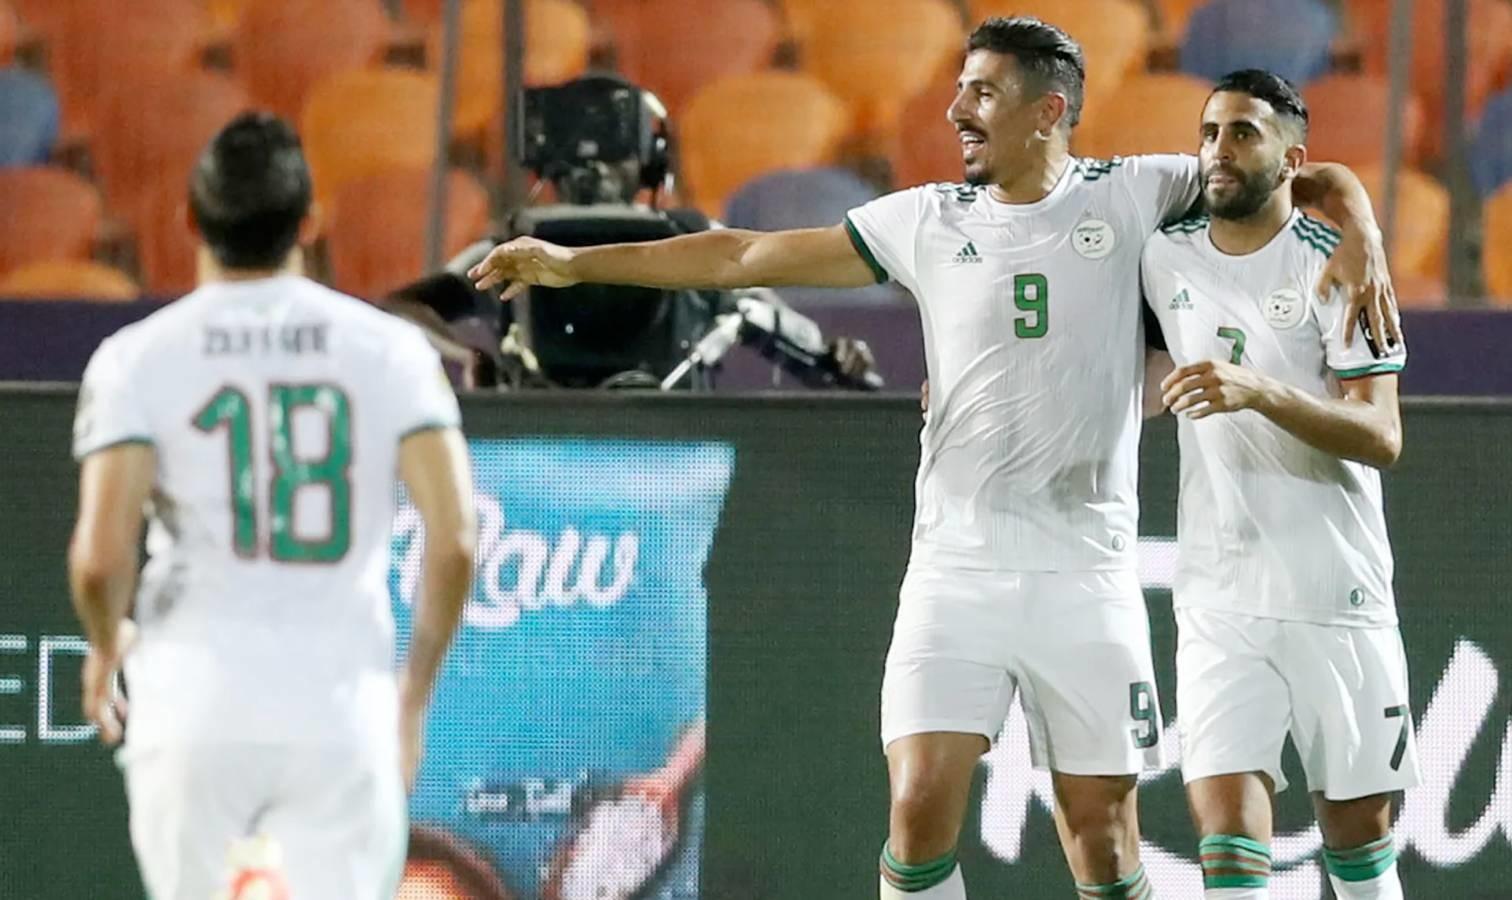 Najszybszy gol w historii zdecydował. Algieria pokonała Senegal w finale PNA 2019